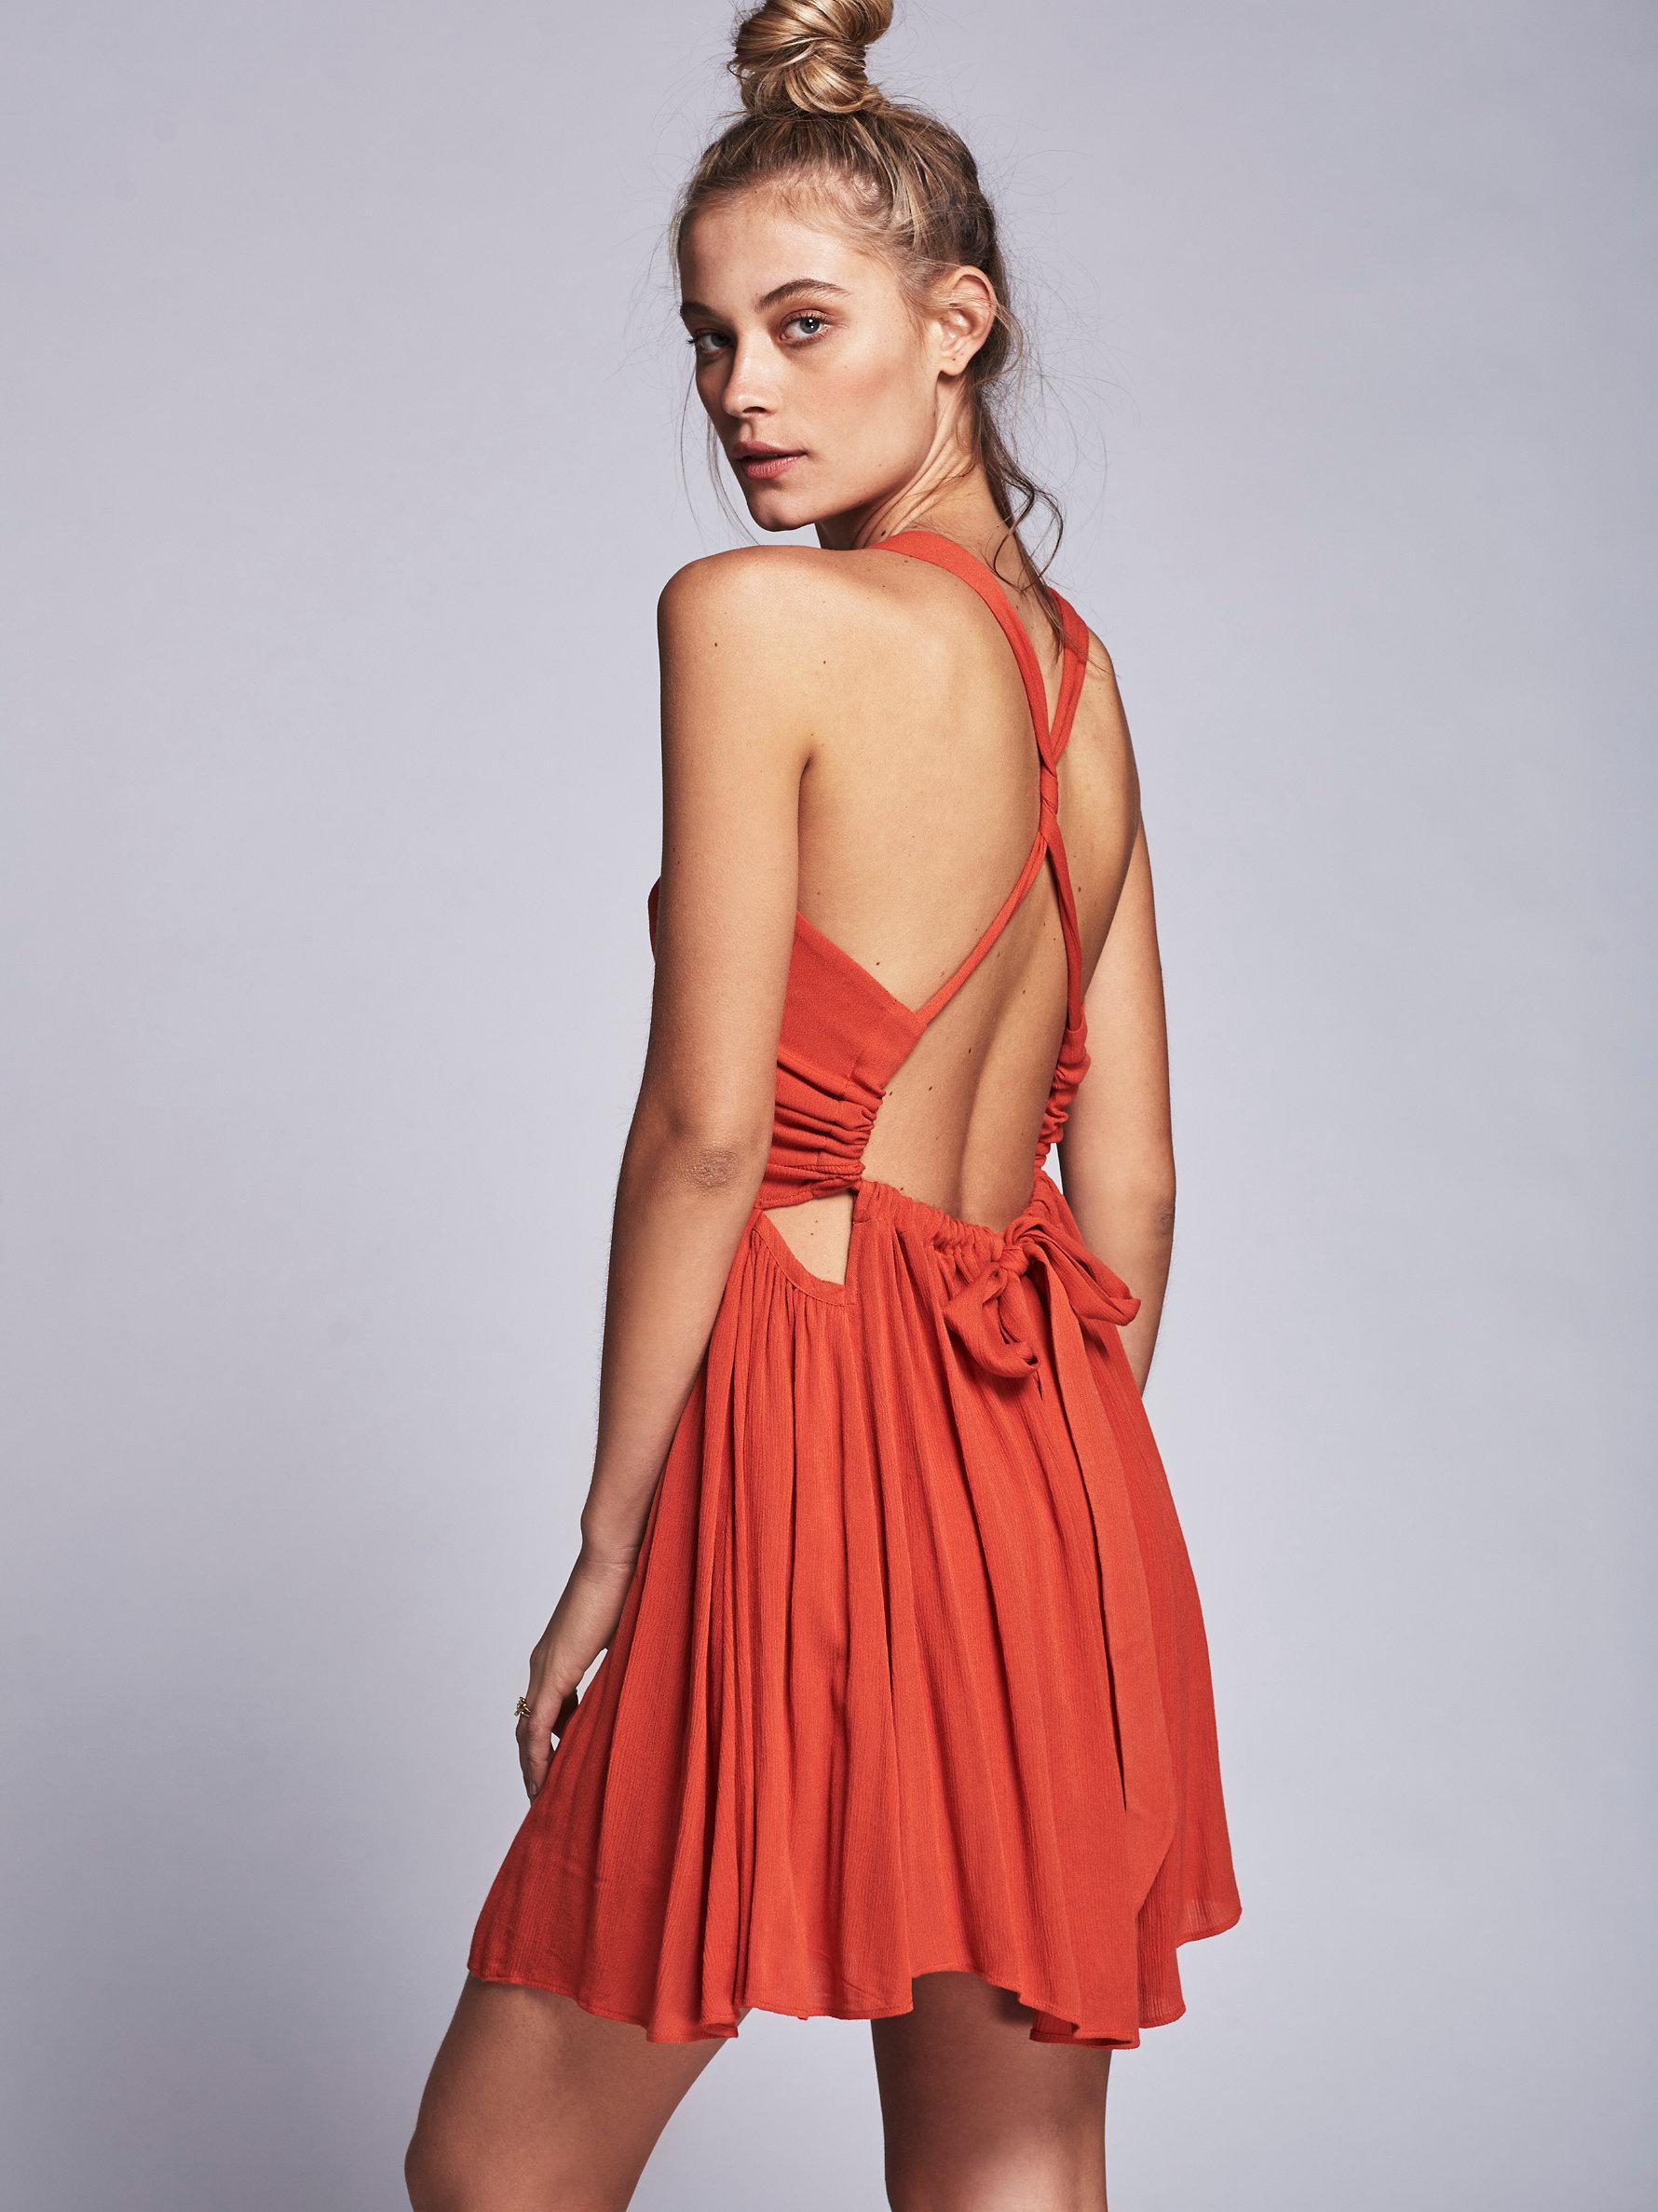 a8e79e4b6f5 Lyst - Free People Rosetta Dress in Red